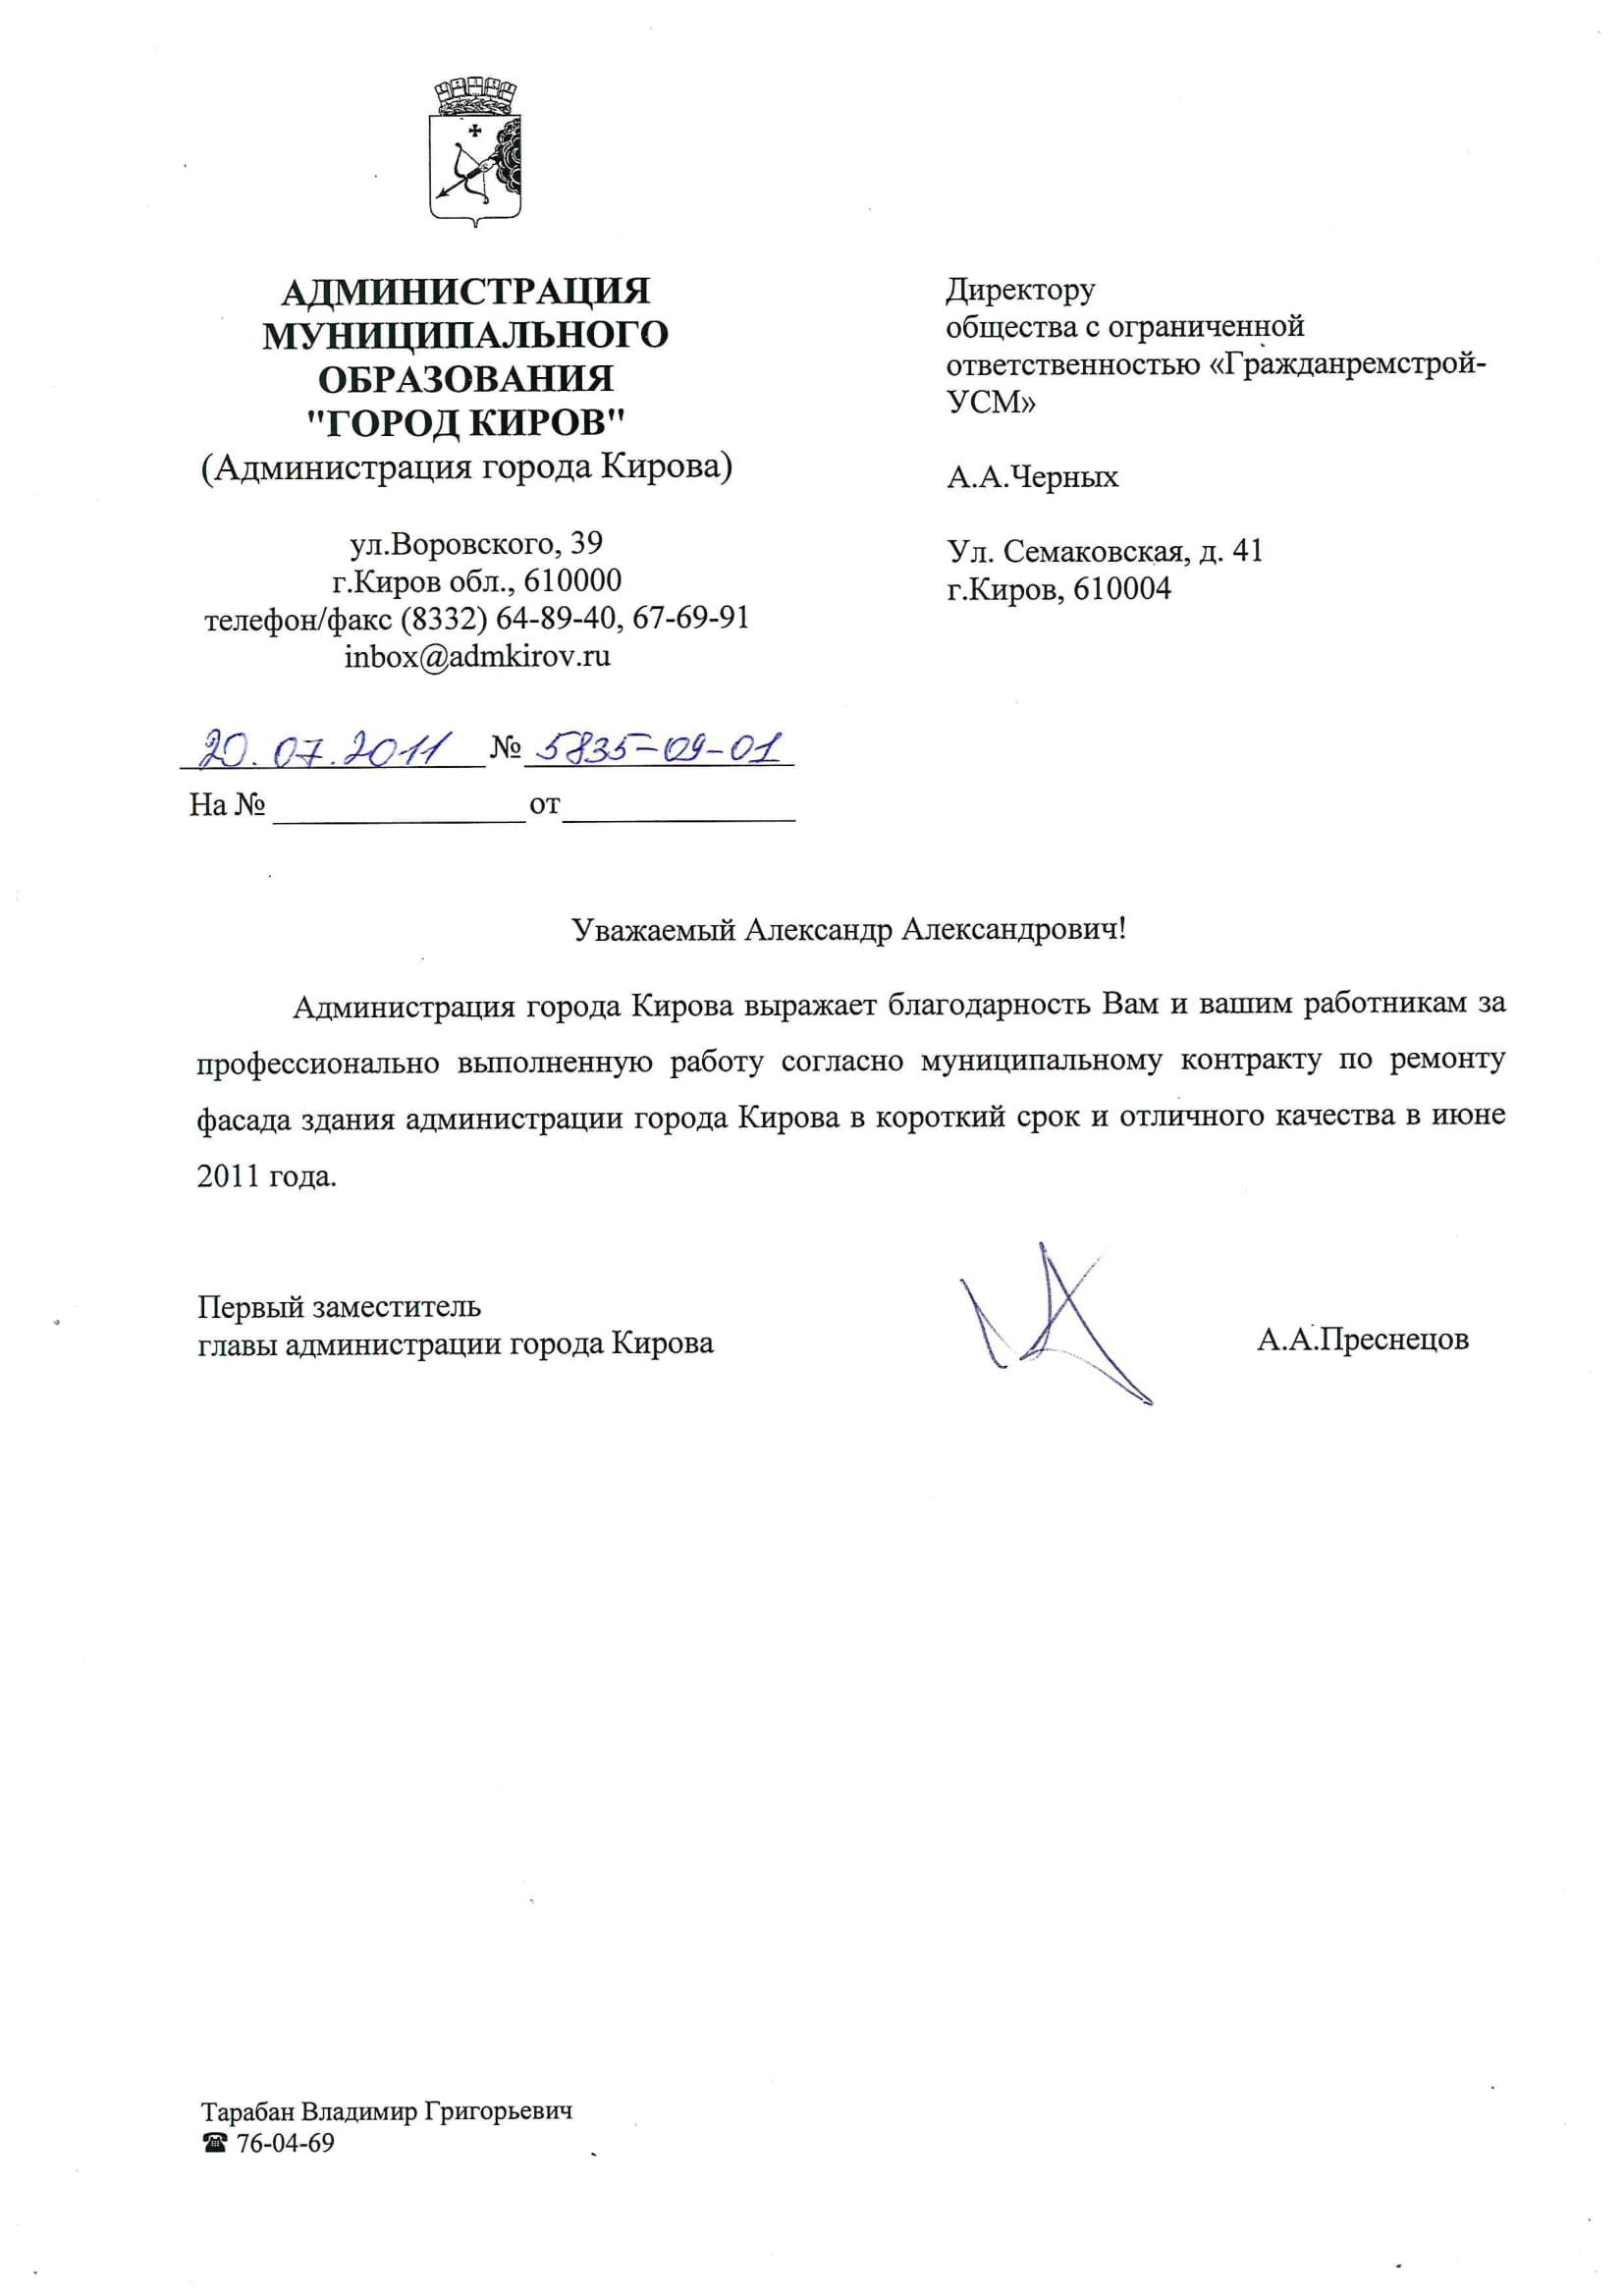 Администрация города Кирова, благодарность